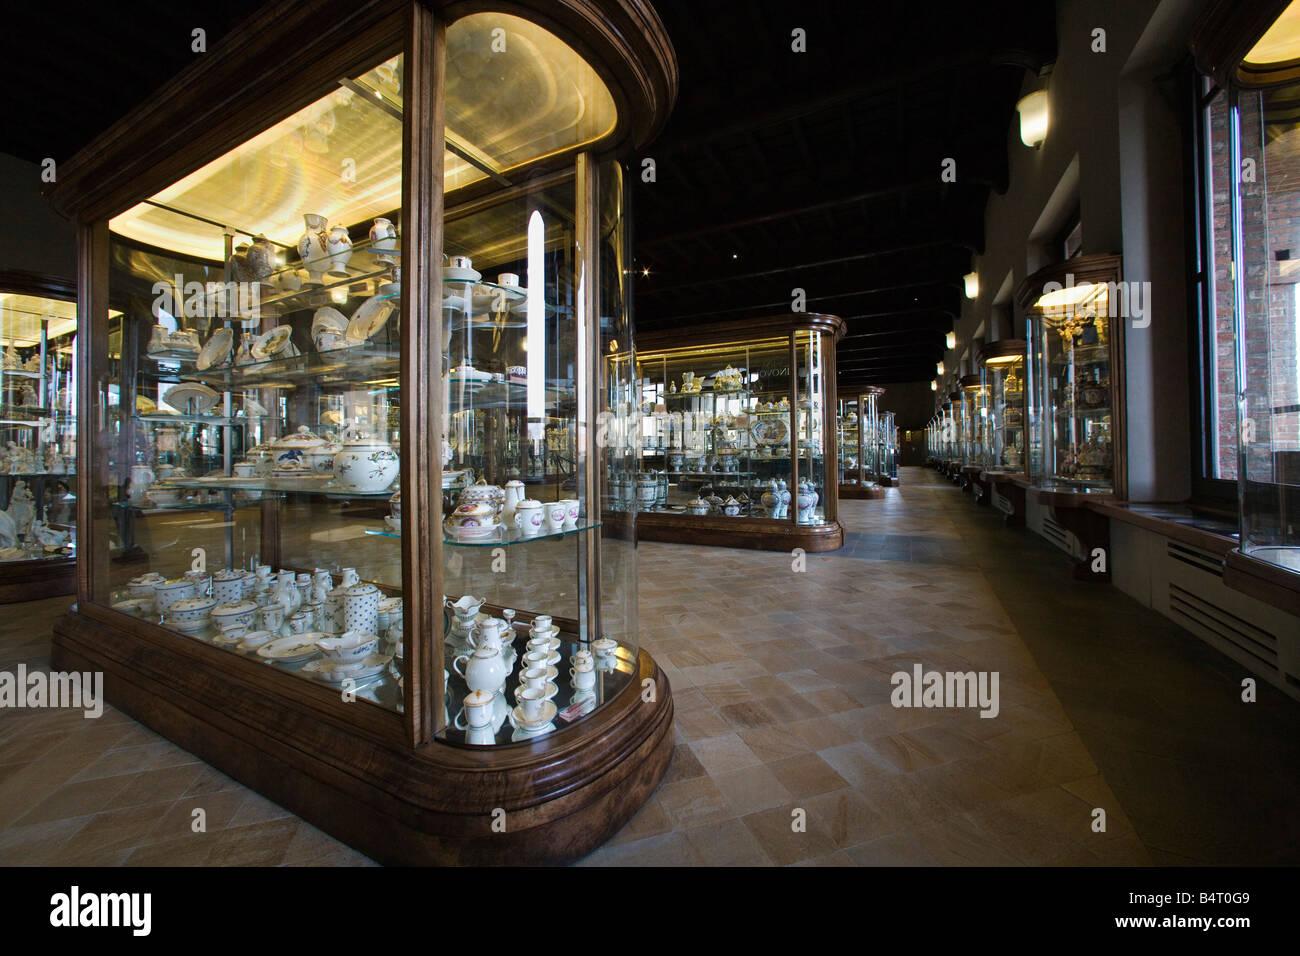 Secondo piano dedicato alle arti decorative Sala Vetri e avori Palazzo Madama Torino Piemonte Italia Immagini Stock